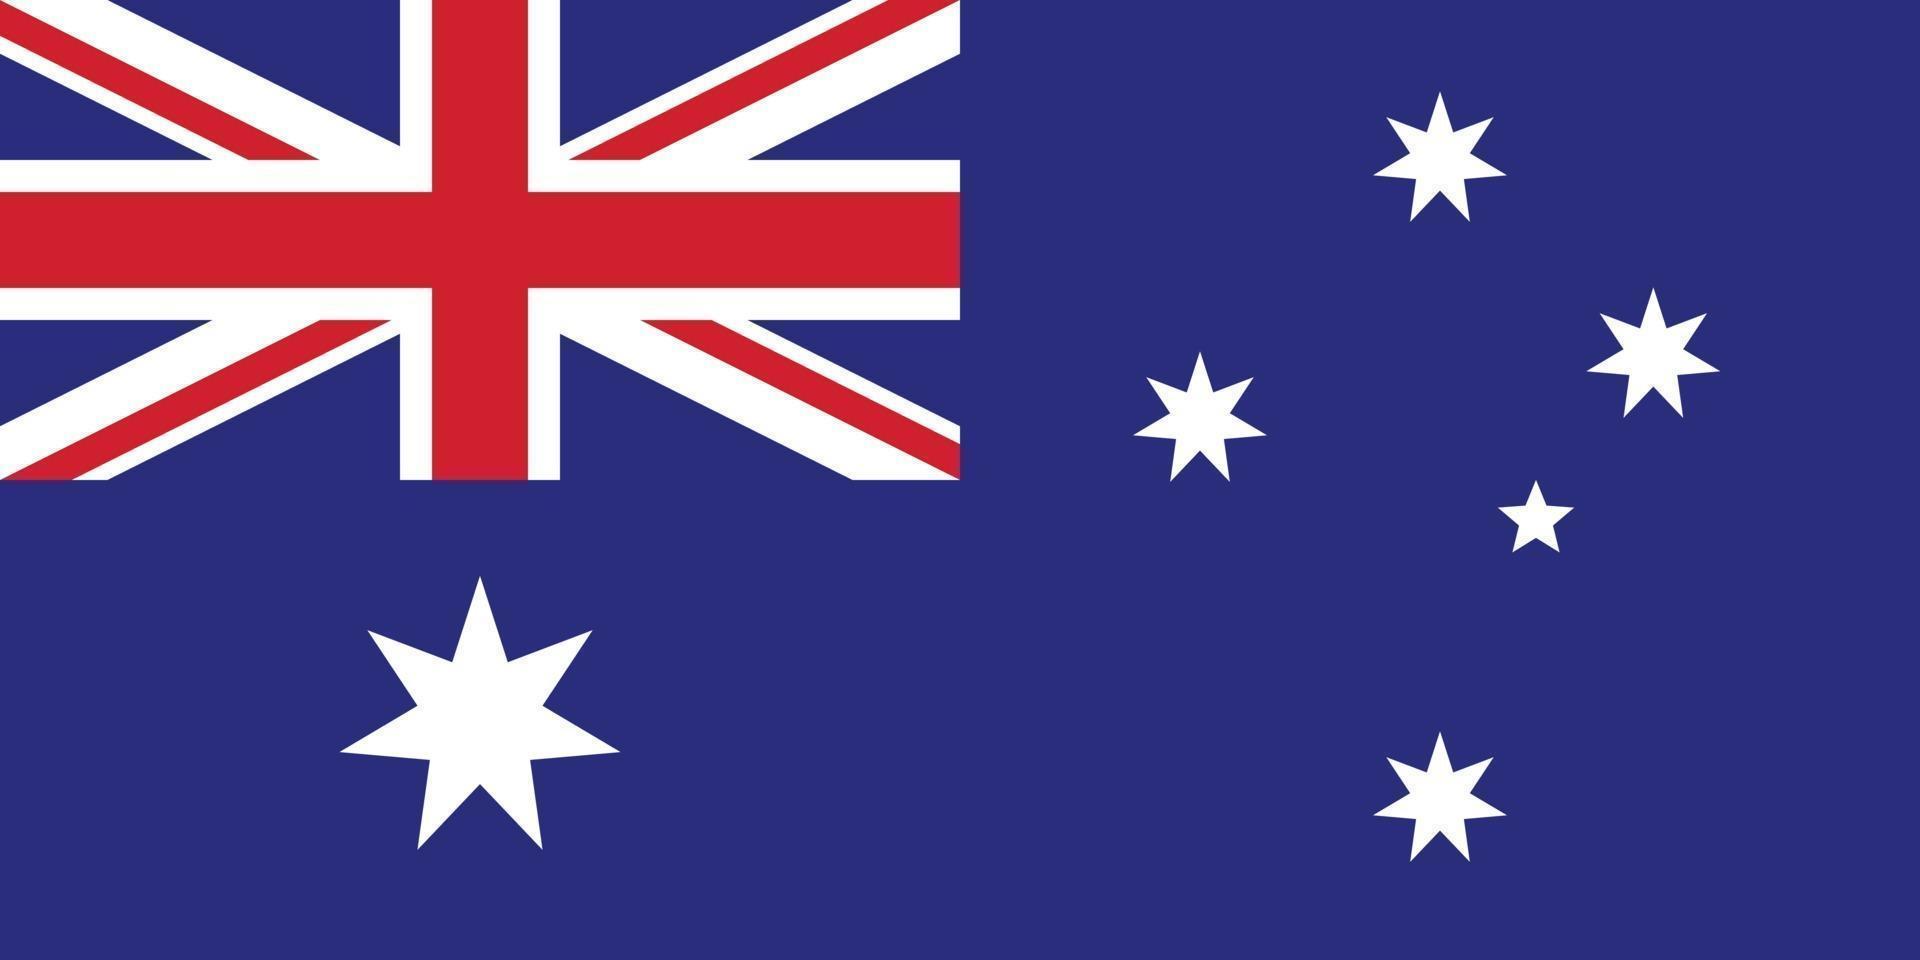 Australien Vektor Flagge